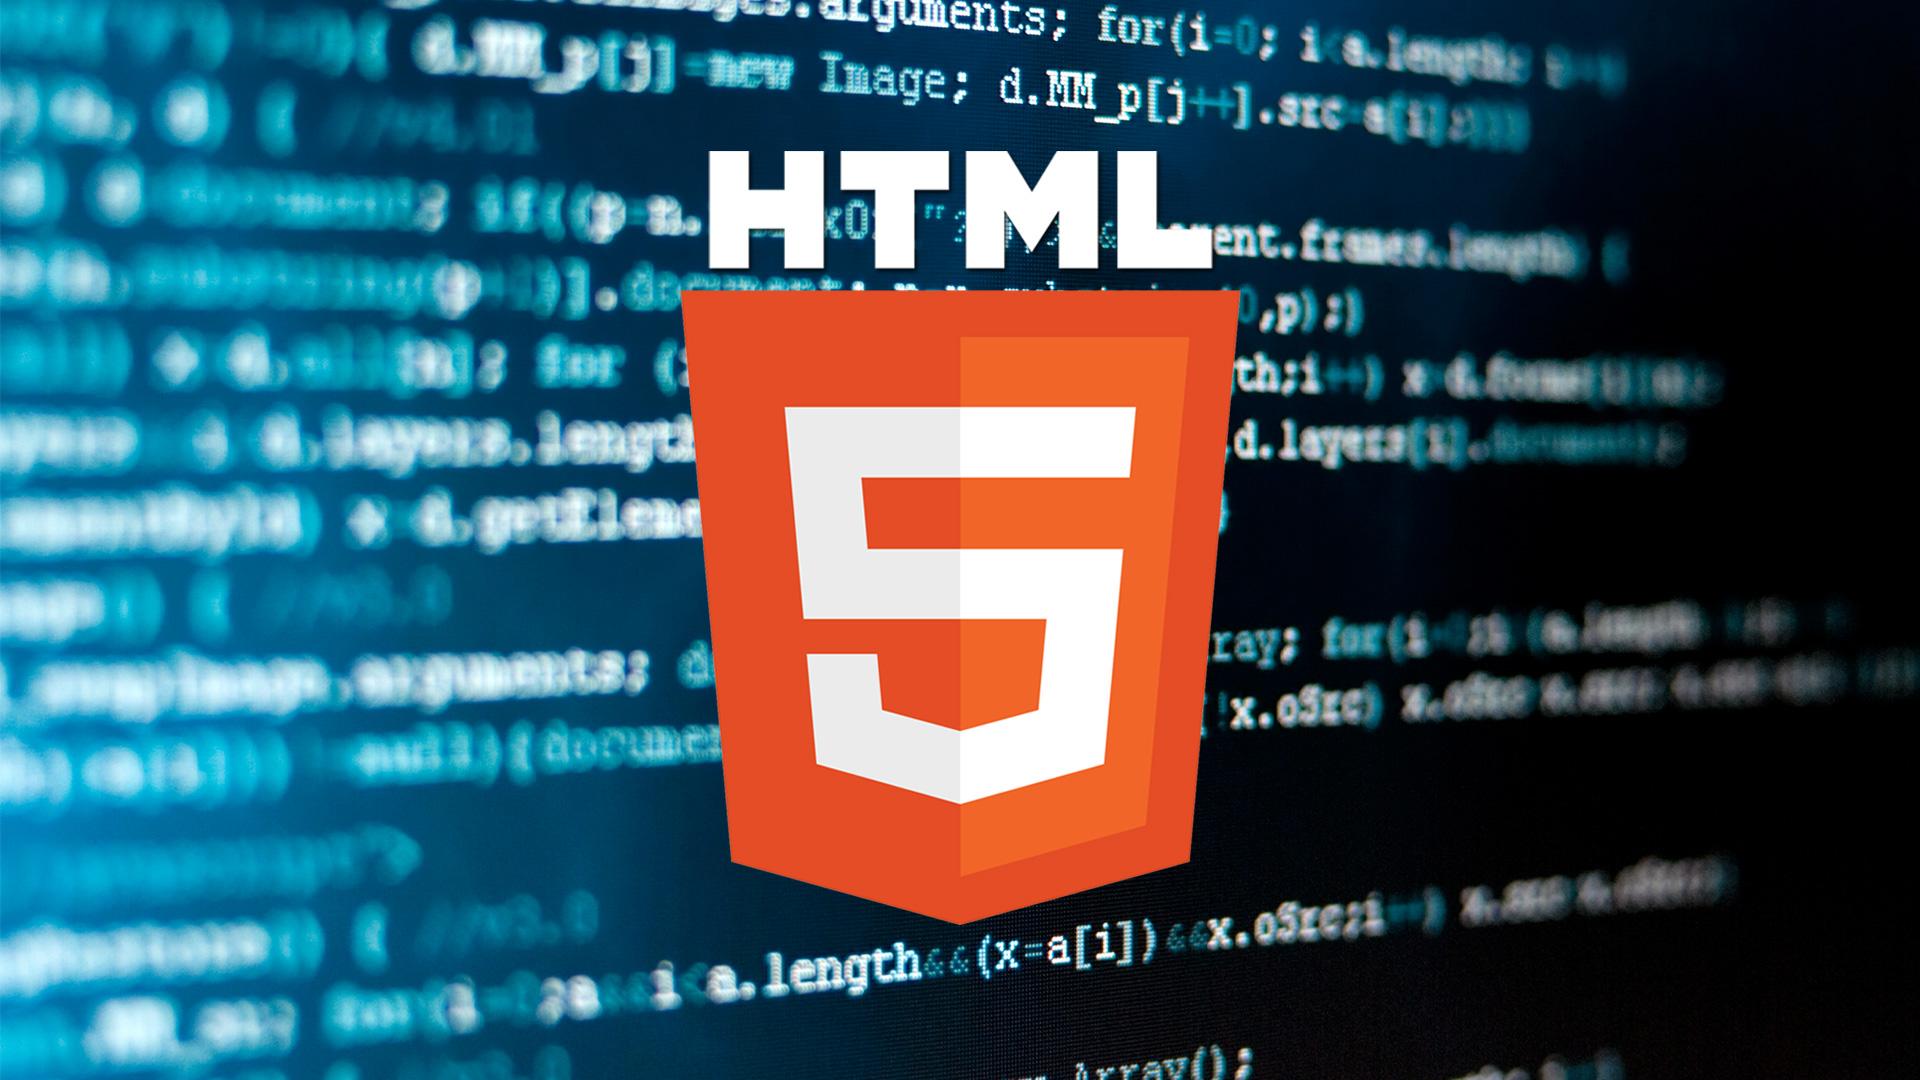 ТОП-10 HTML элементов, о которых вы не знаете